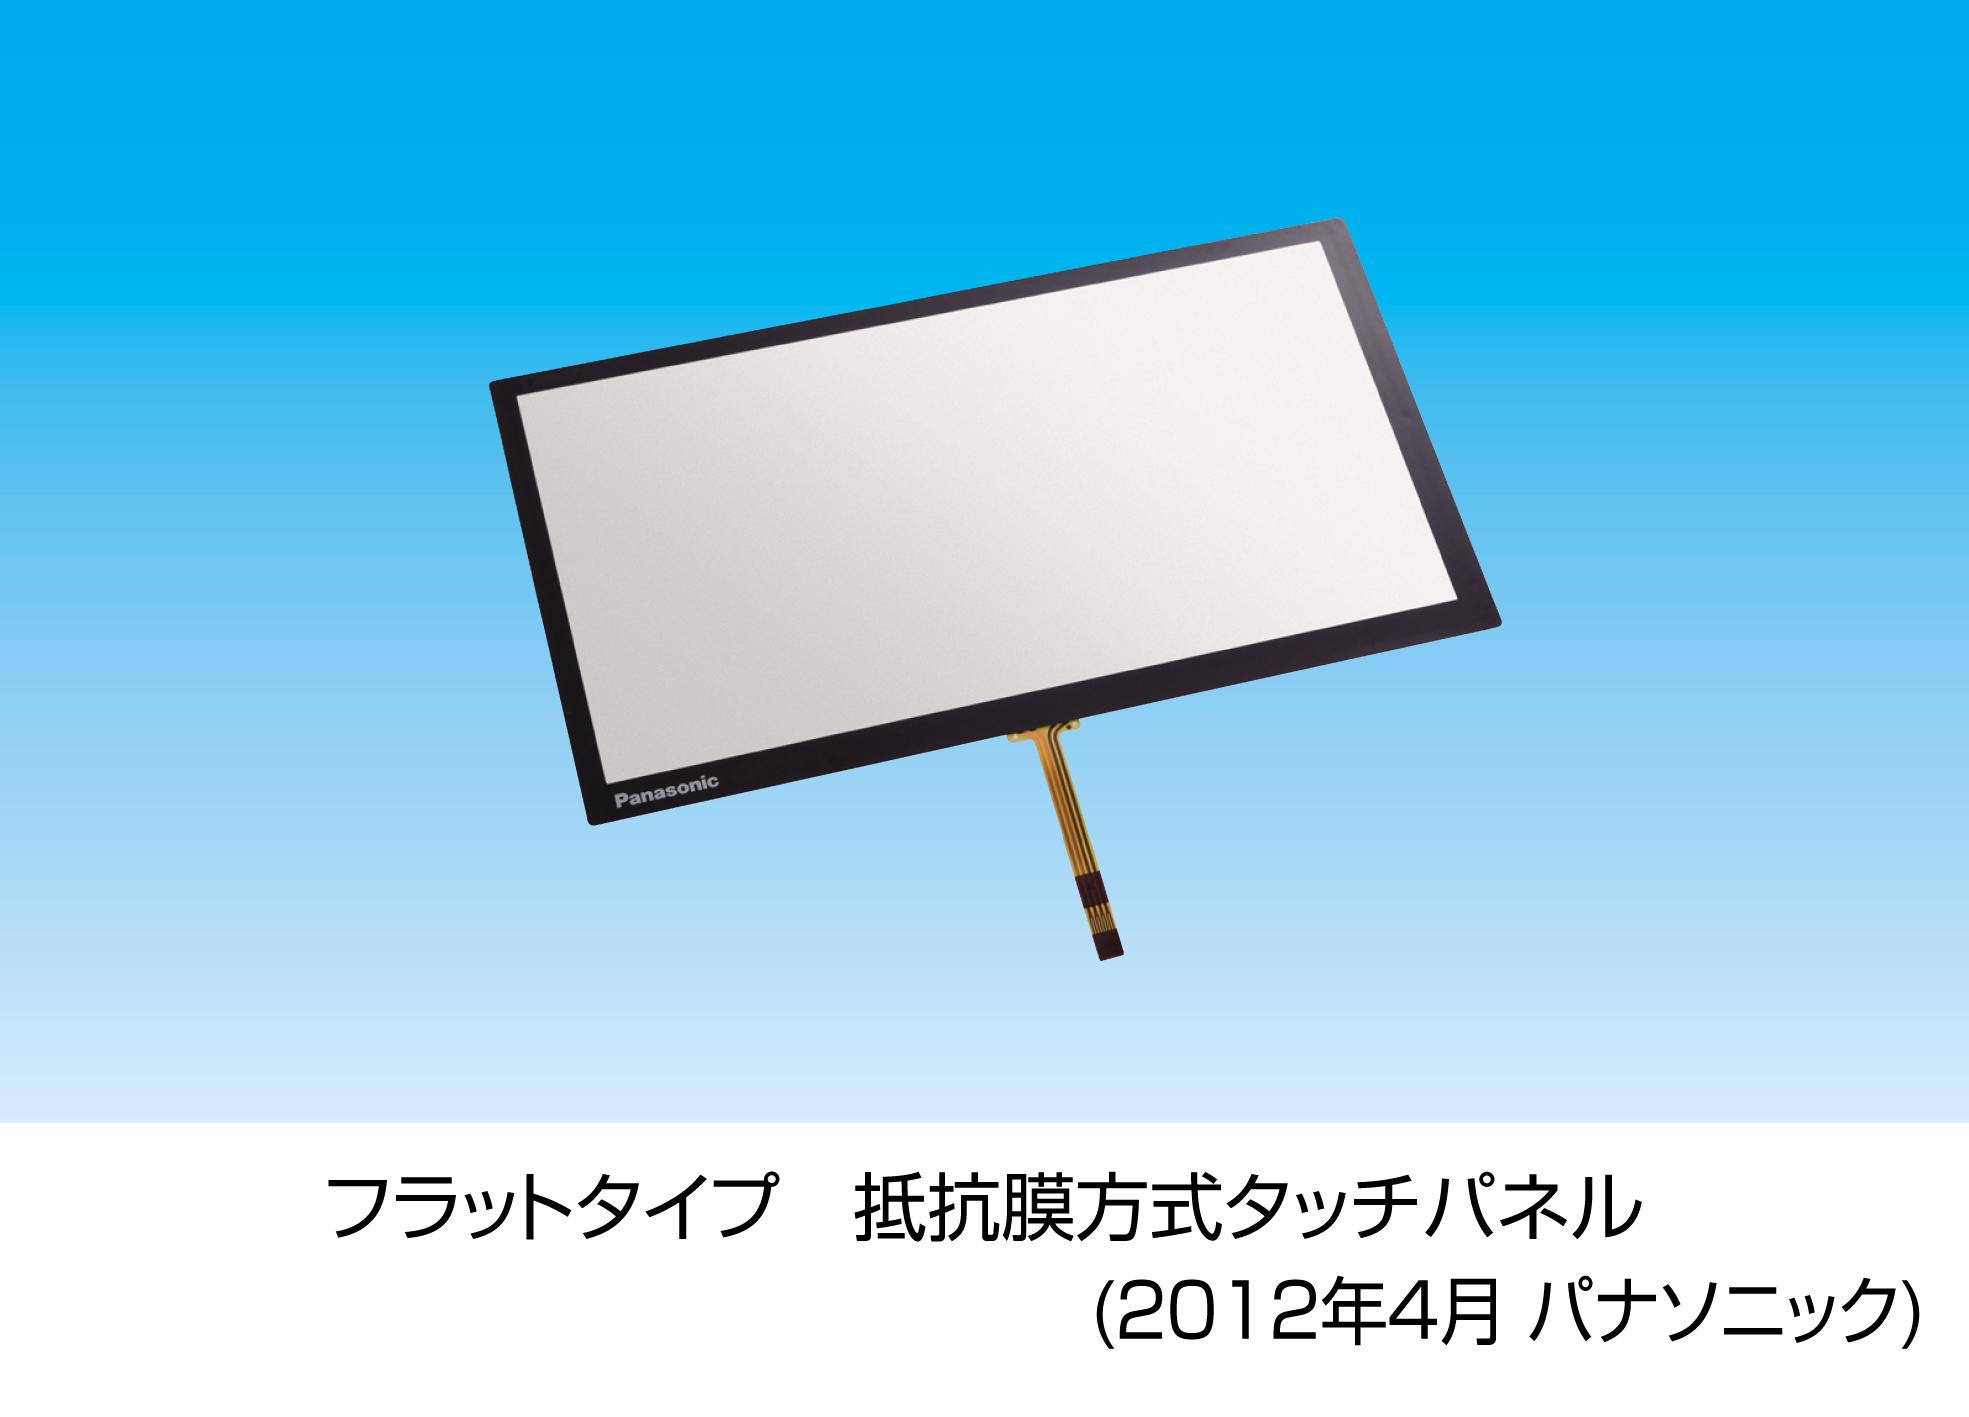 フラットタイプ 抵抗膜方式タッチパネル